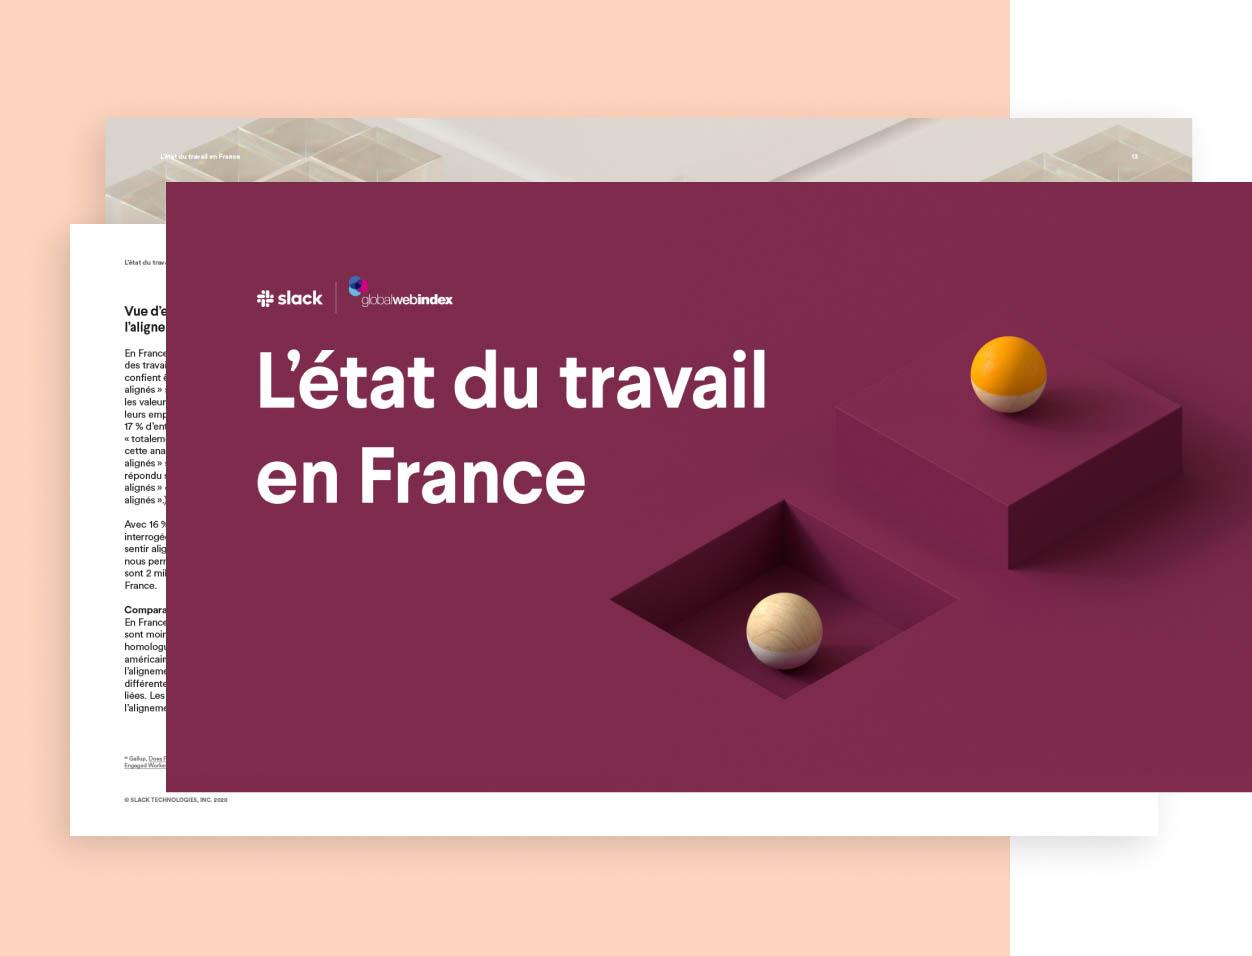 L'état du travail en France